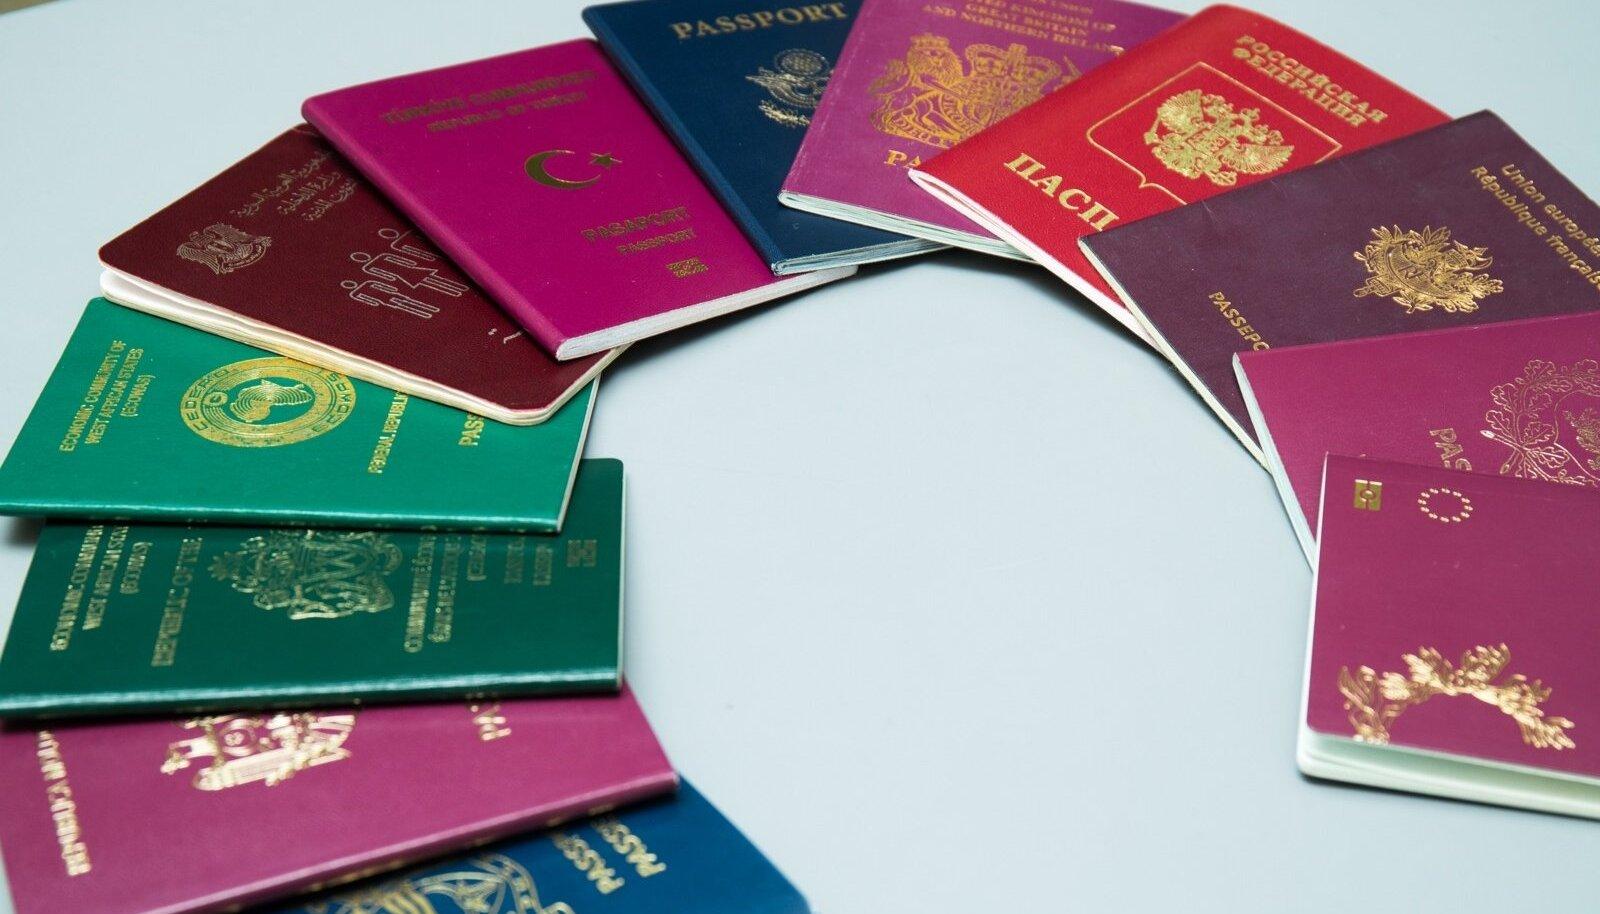 Liikme suuruse kodakondsus Peenise suuruse normid